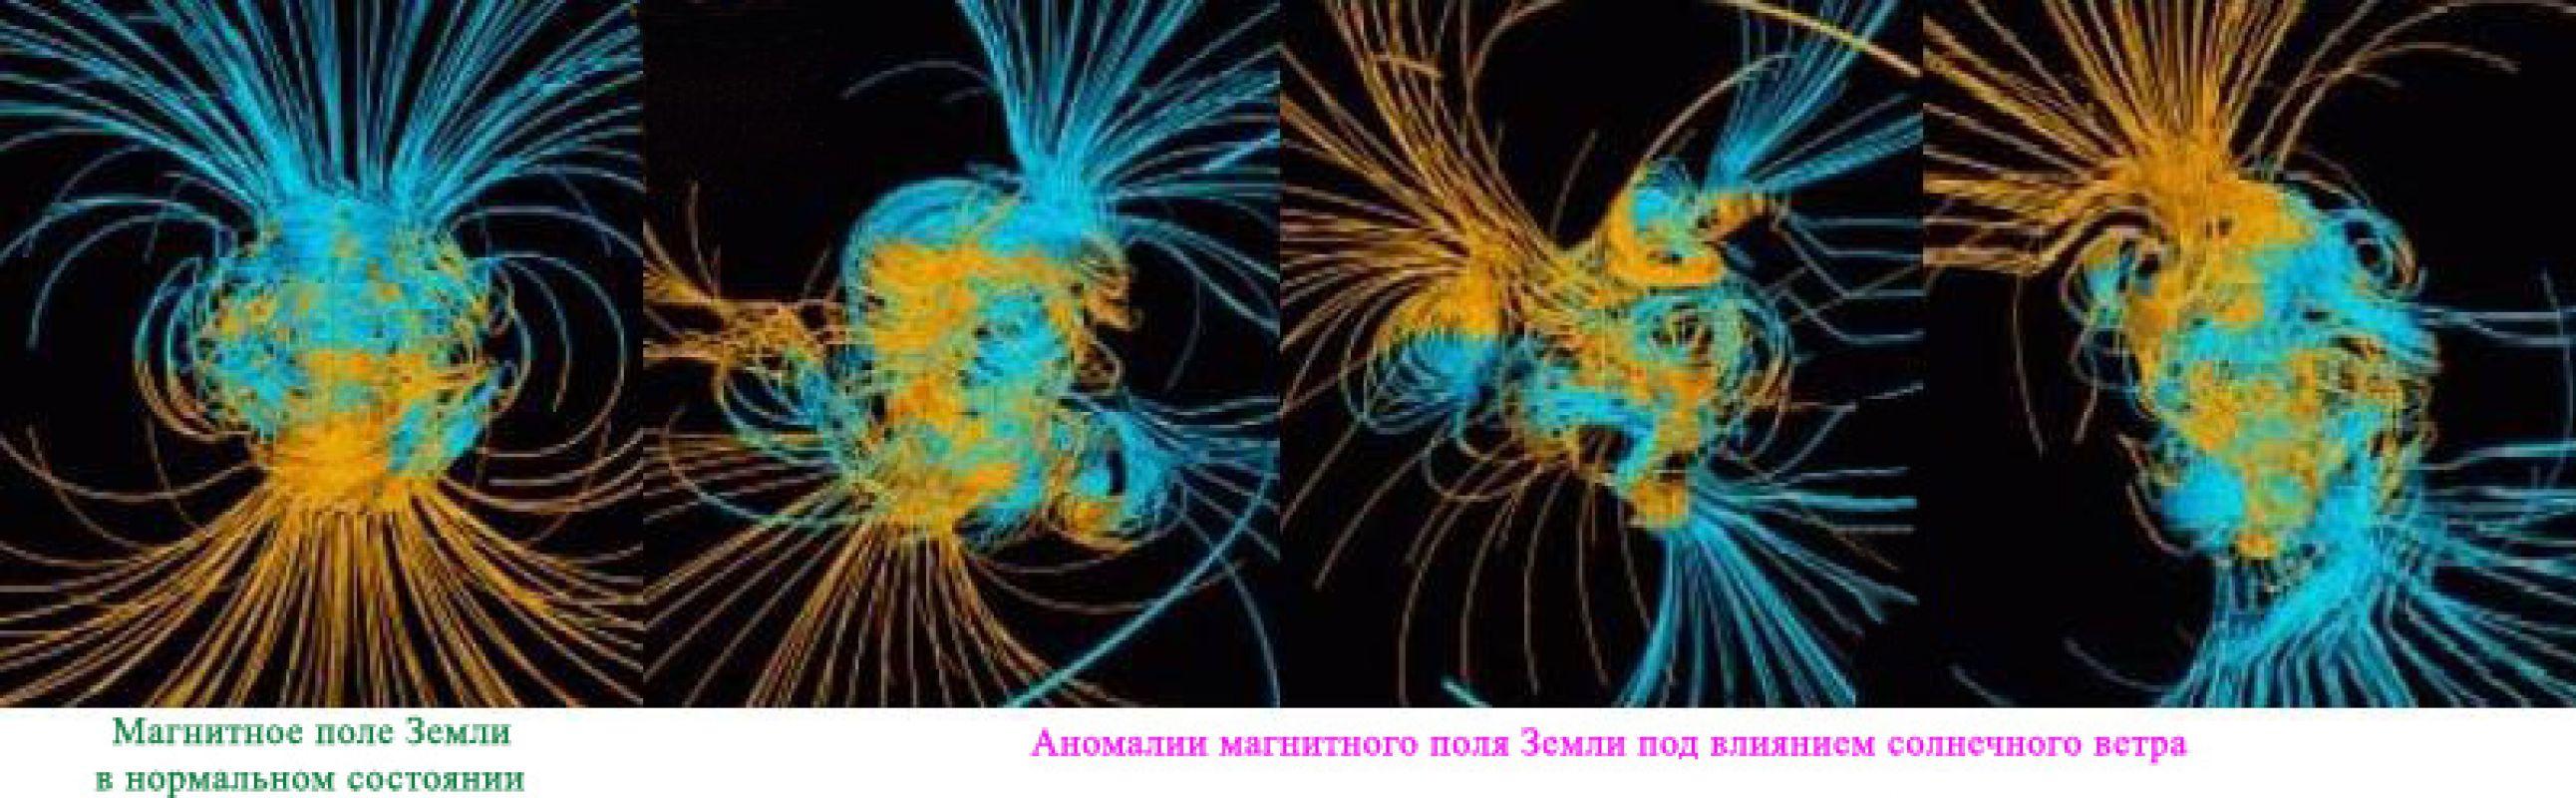 Катастрофы: что ожидает Землю в будущем и что было с ней в прошлом